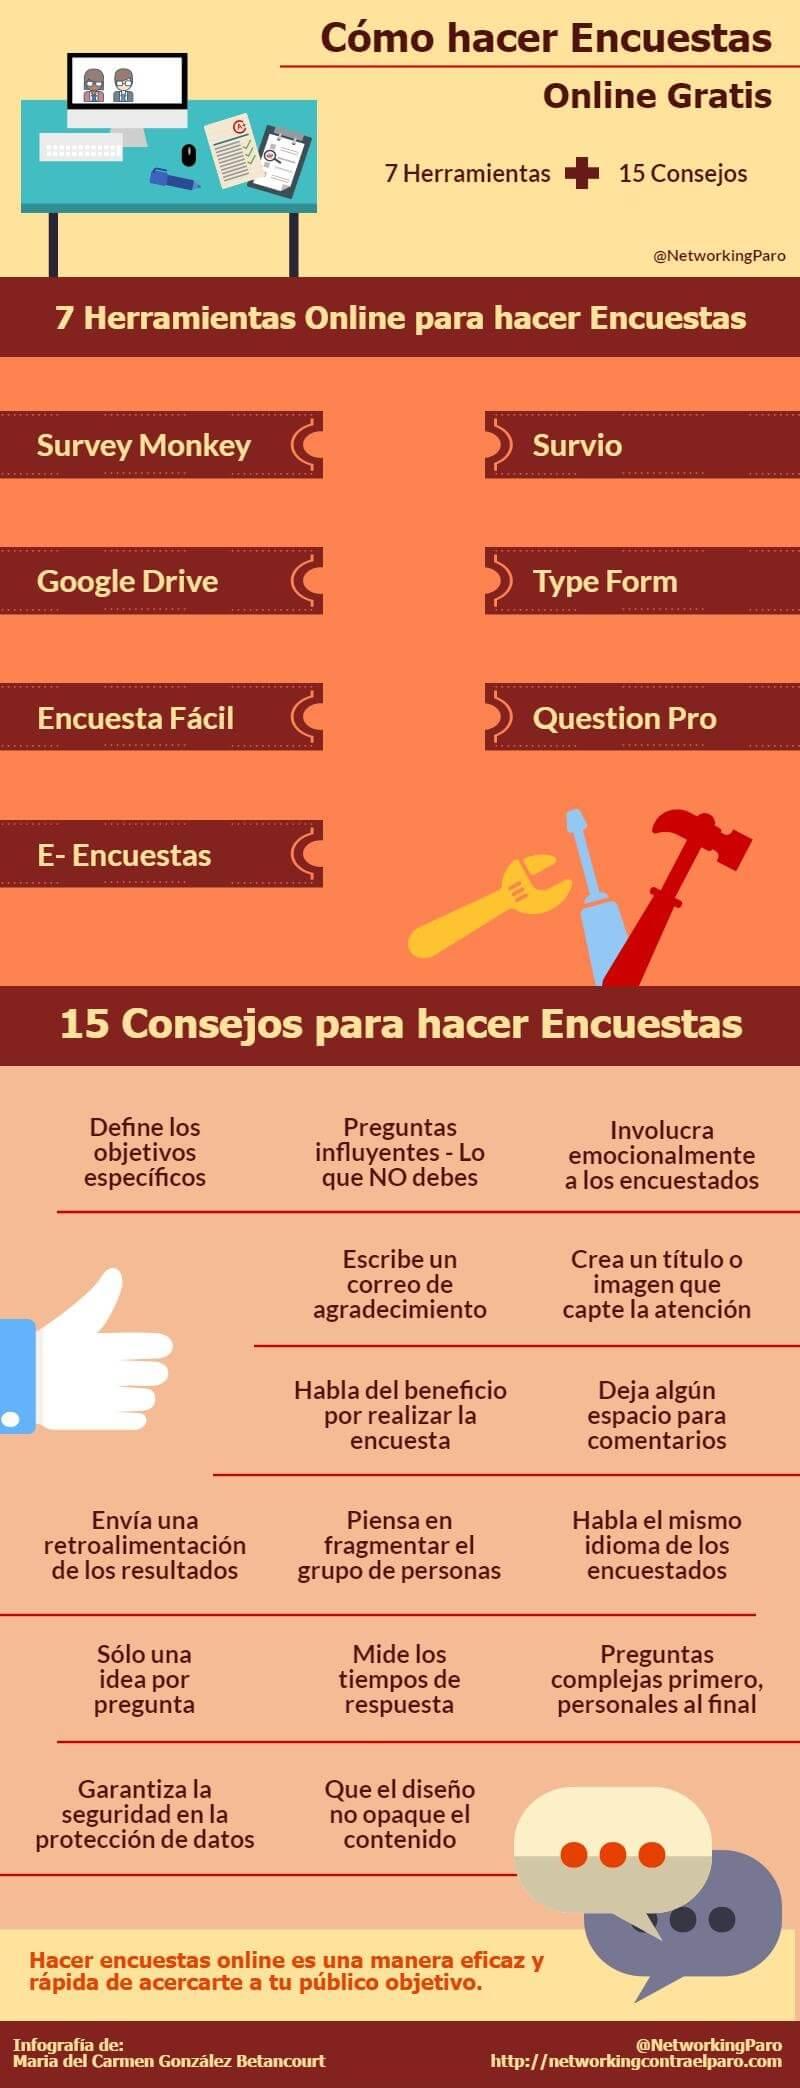 7 herramientas y 15 consejos para hacer encuestas online gratis #infografia #marketing - TICs y Formación